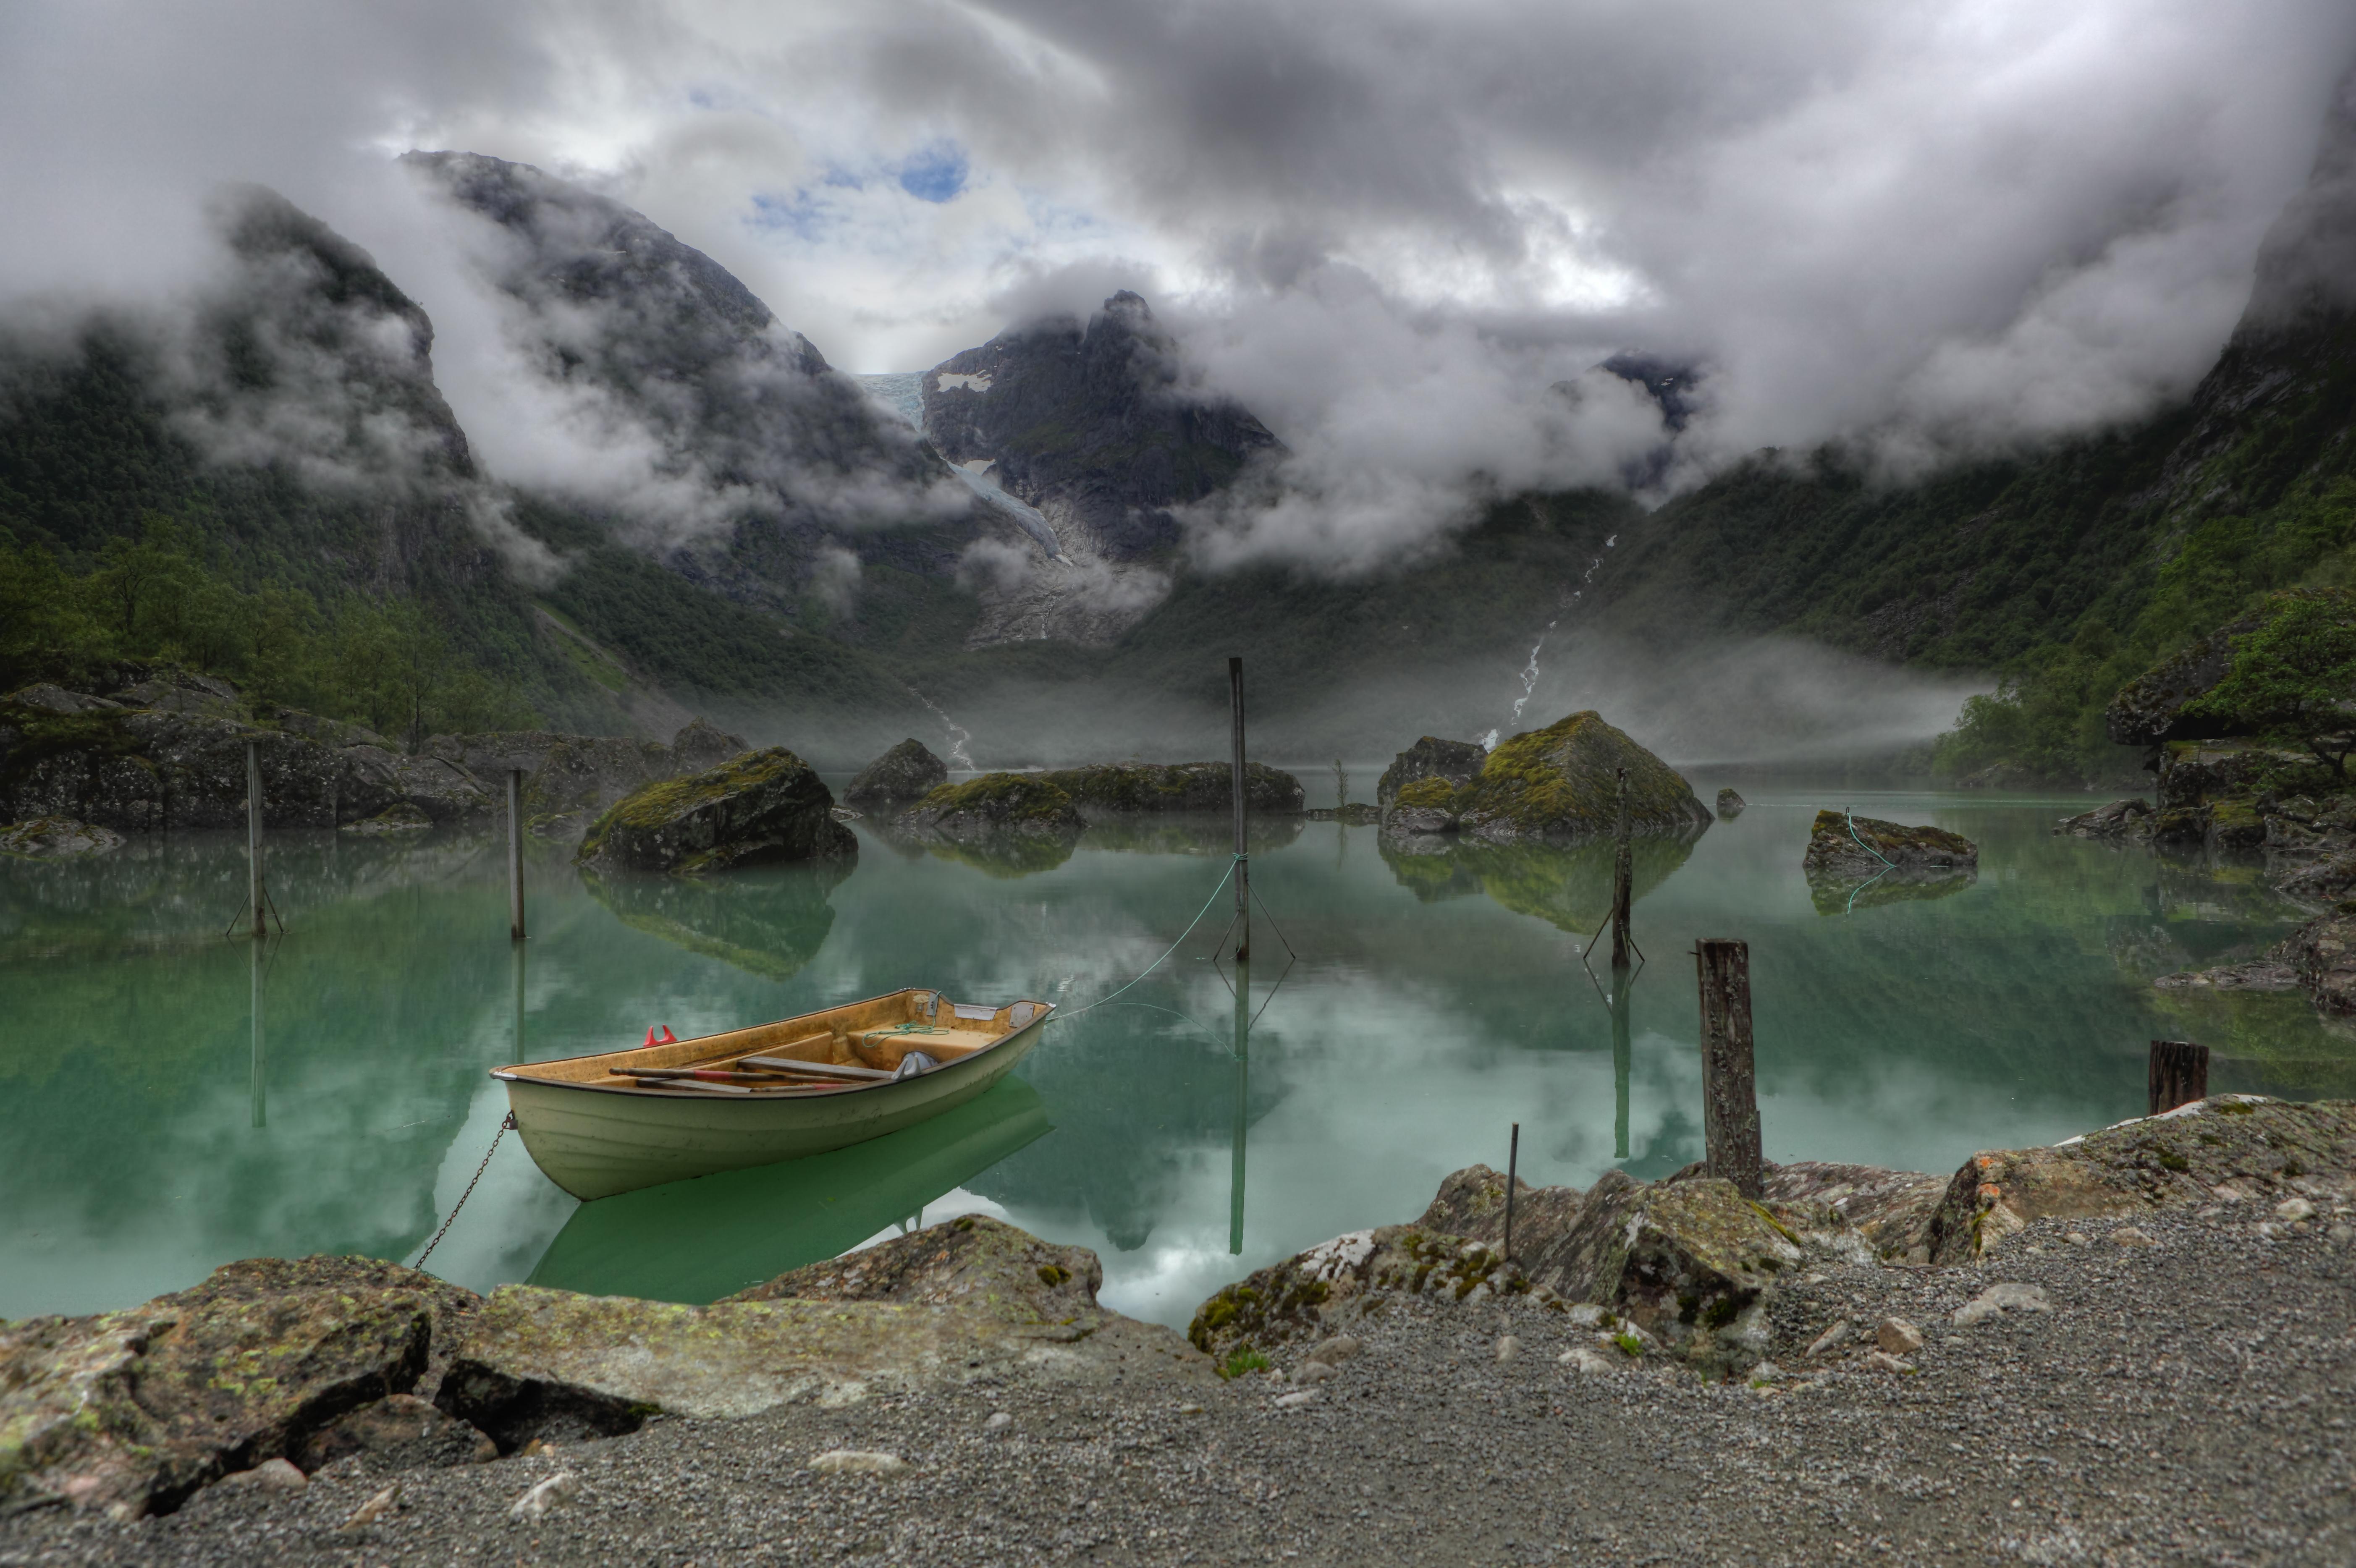 Lake Bondhus, Norway [5611x3735]